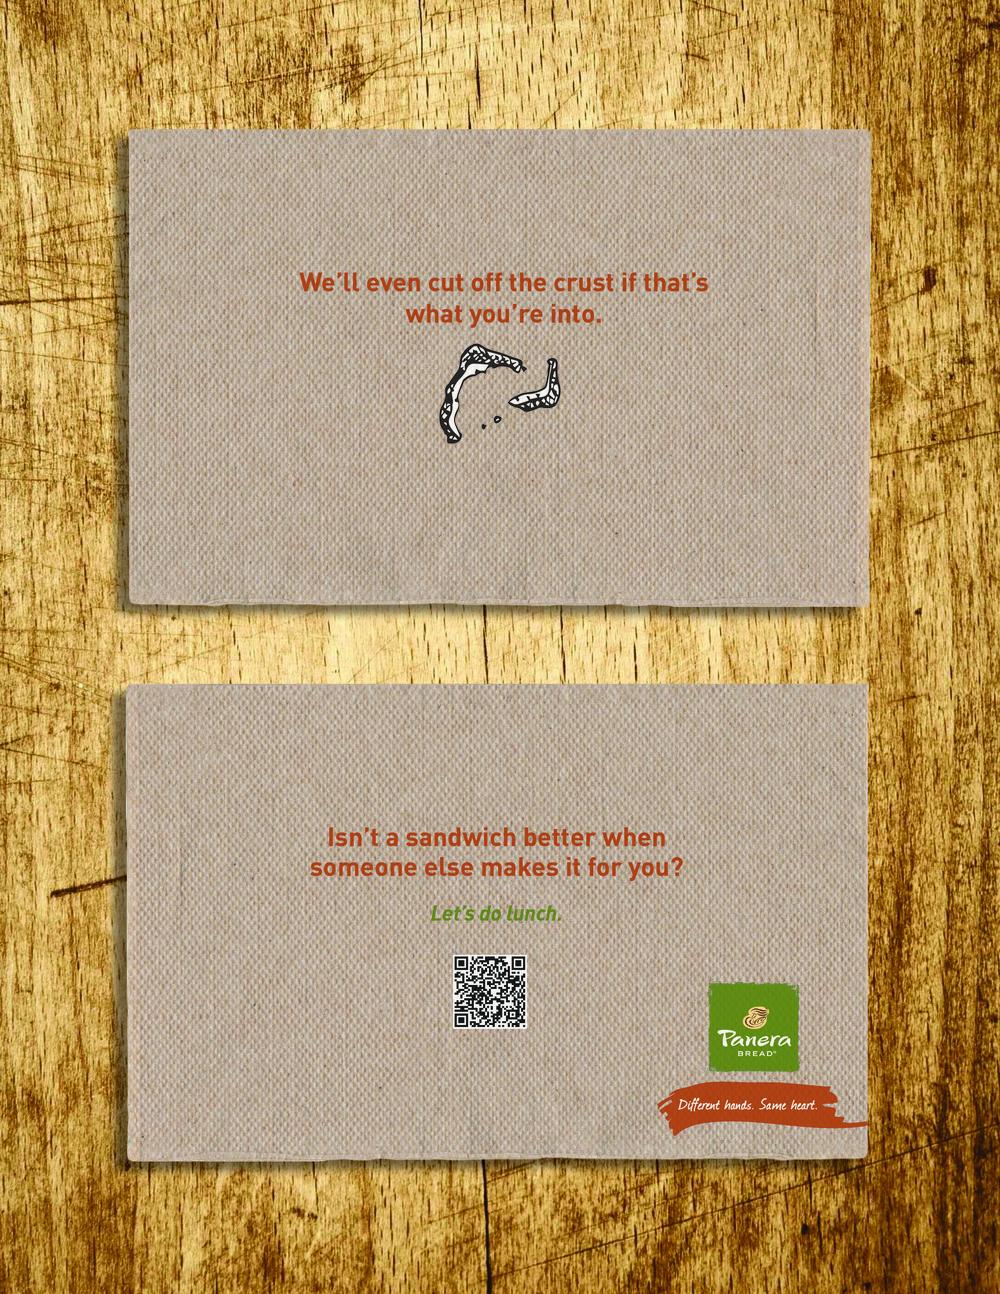 print_ad_napkins_v1.jpg